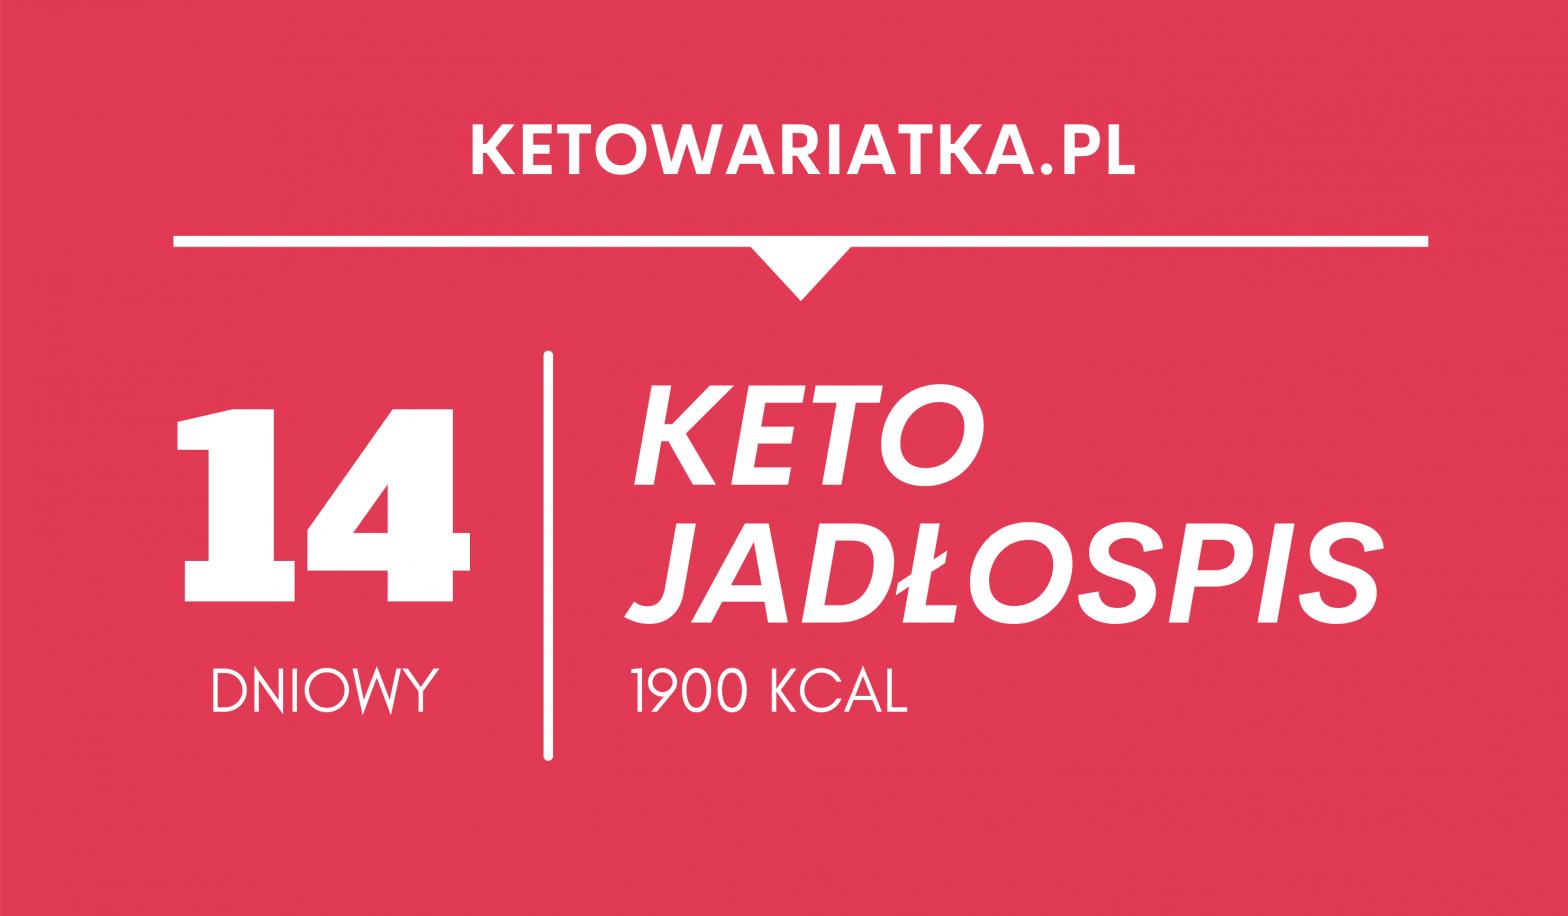 Keto jadłospis – 14 dni (1900 kcal)